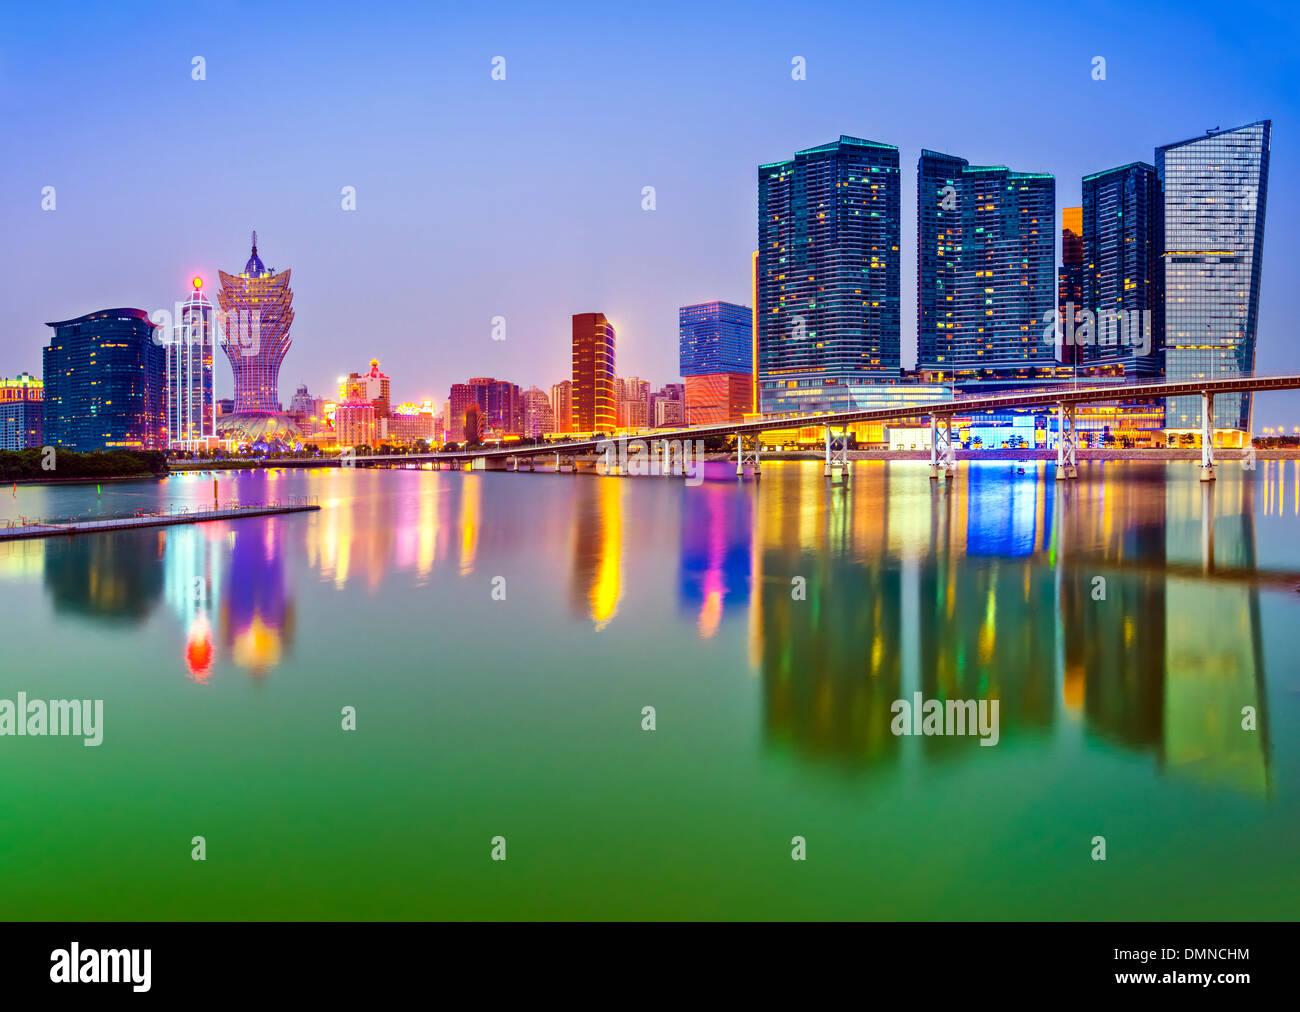 Macao, Chine skyline au casino de grande hauteur de villégiature. Photo Stock